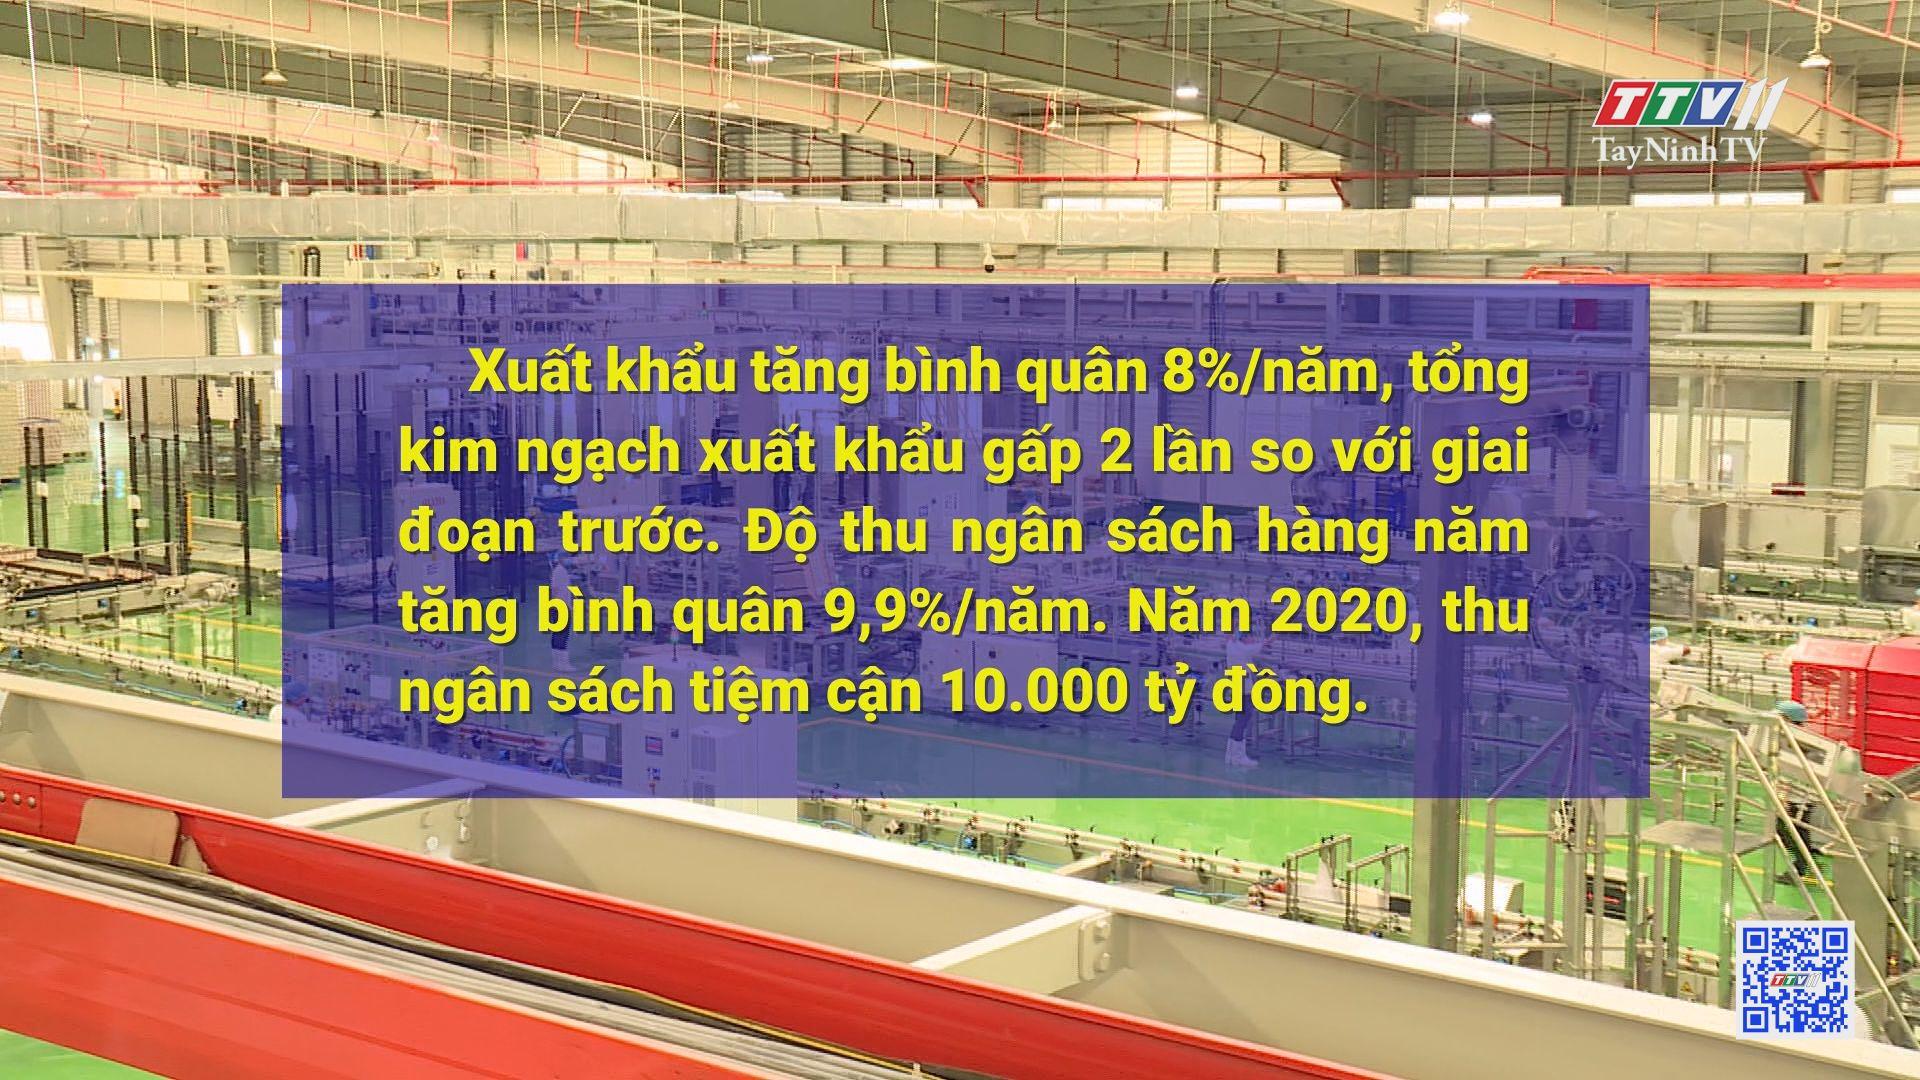 Hướng phát triển kinh tế Tây Ninh trong giai đoạn mới | TIẾNG NÓI CỬ TRI | TayNinhTV